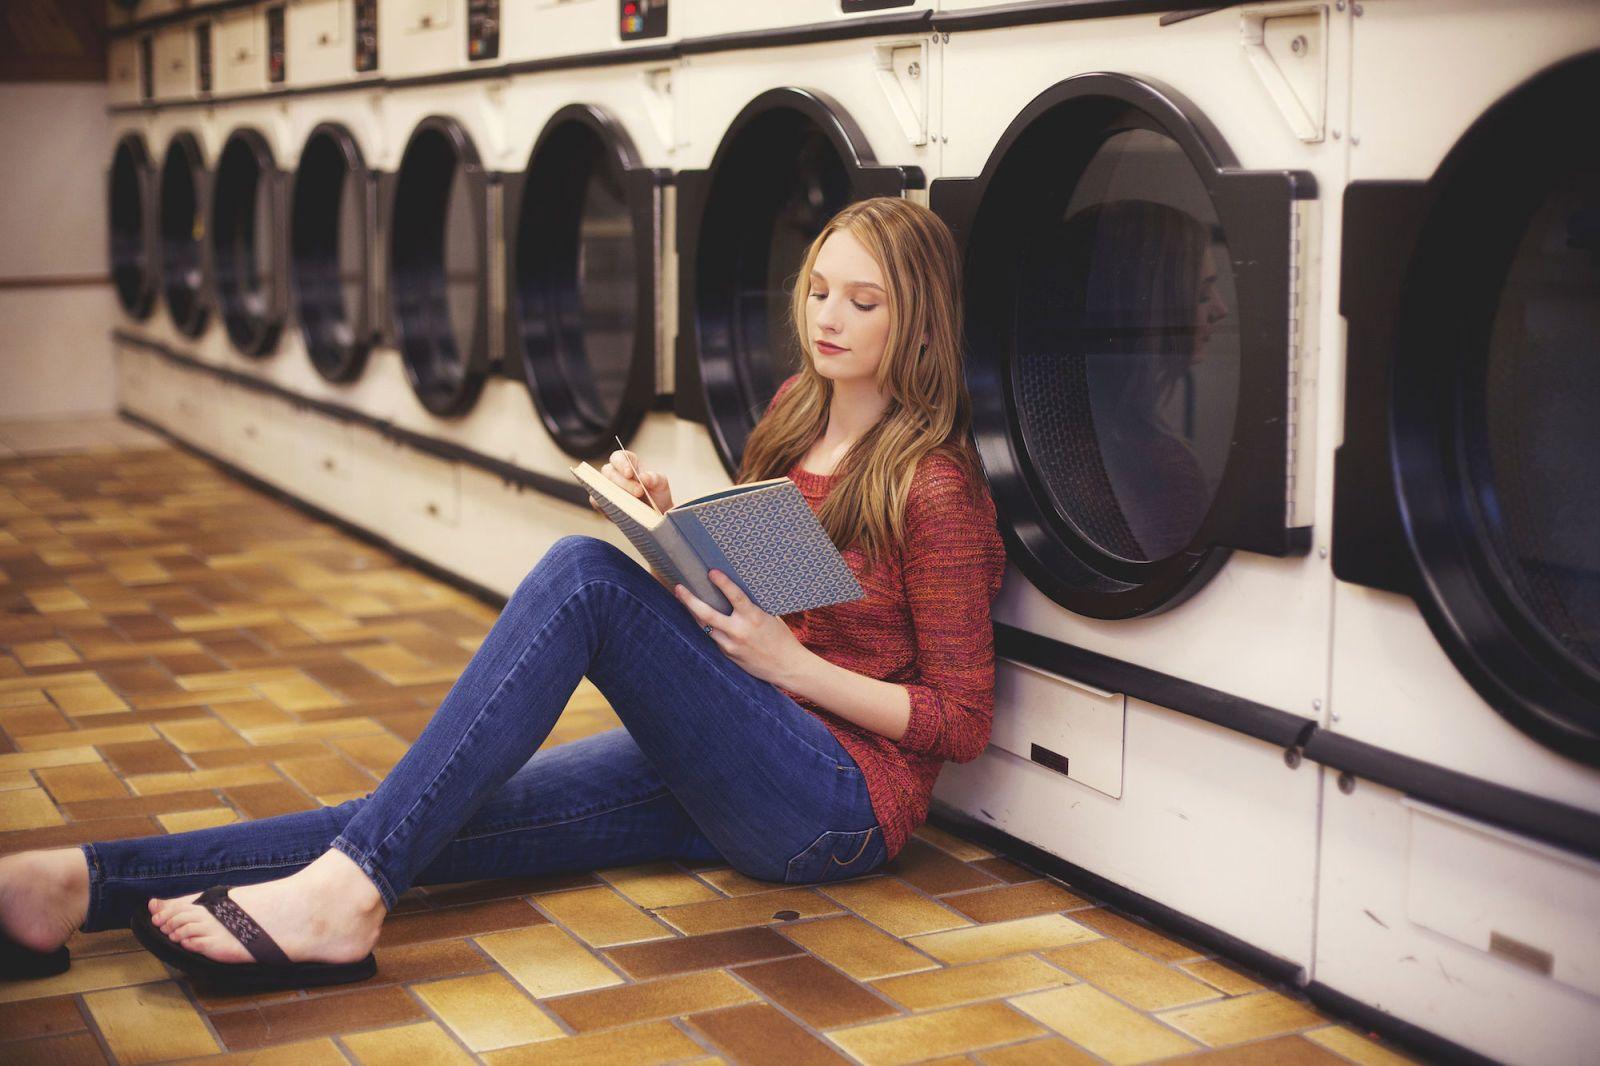 errori 6 tuoi quando fai lavi vestiti i che ZRdRw4q